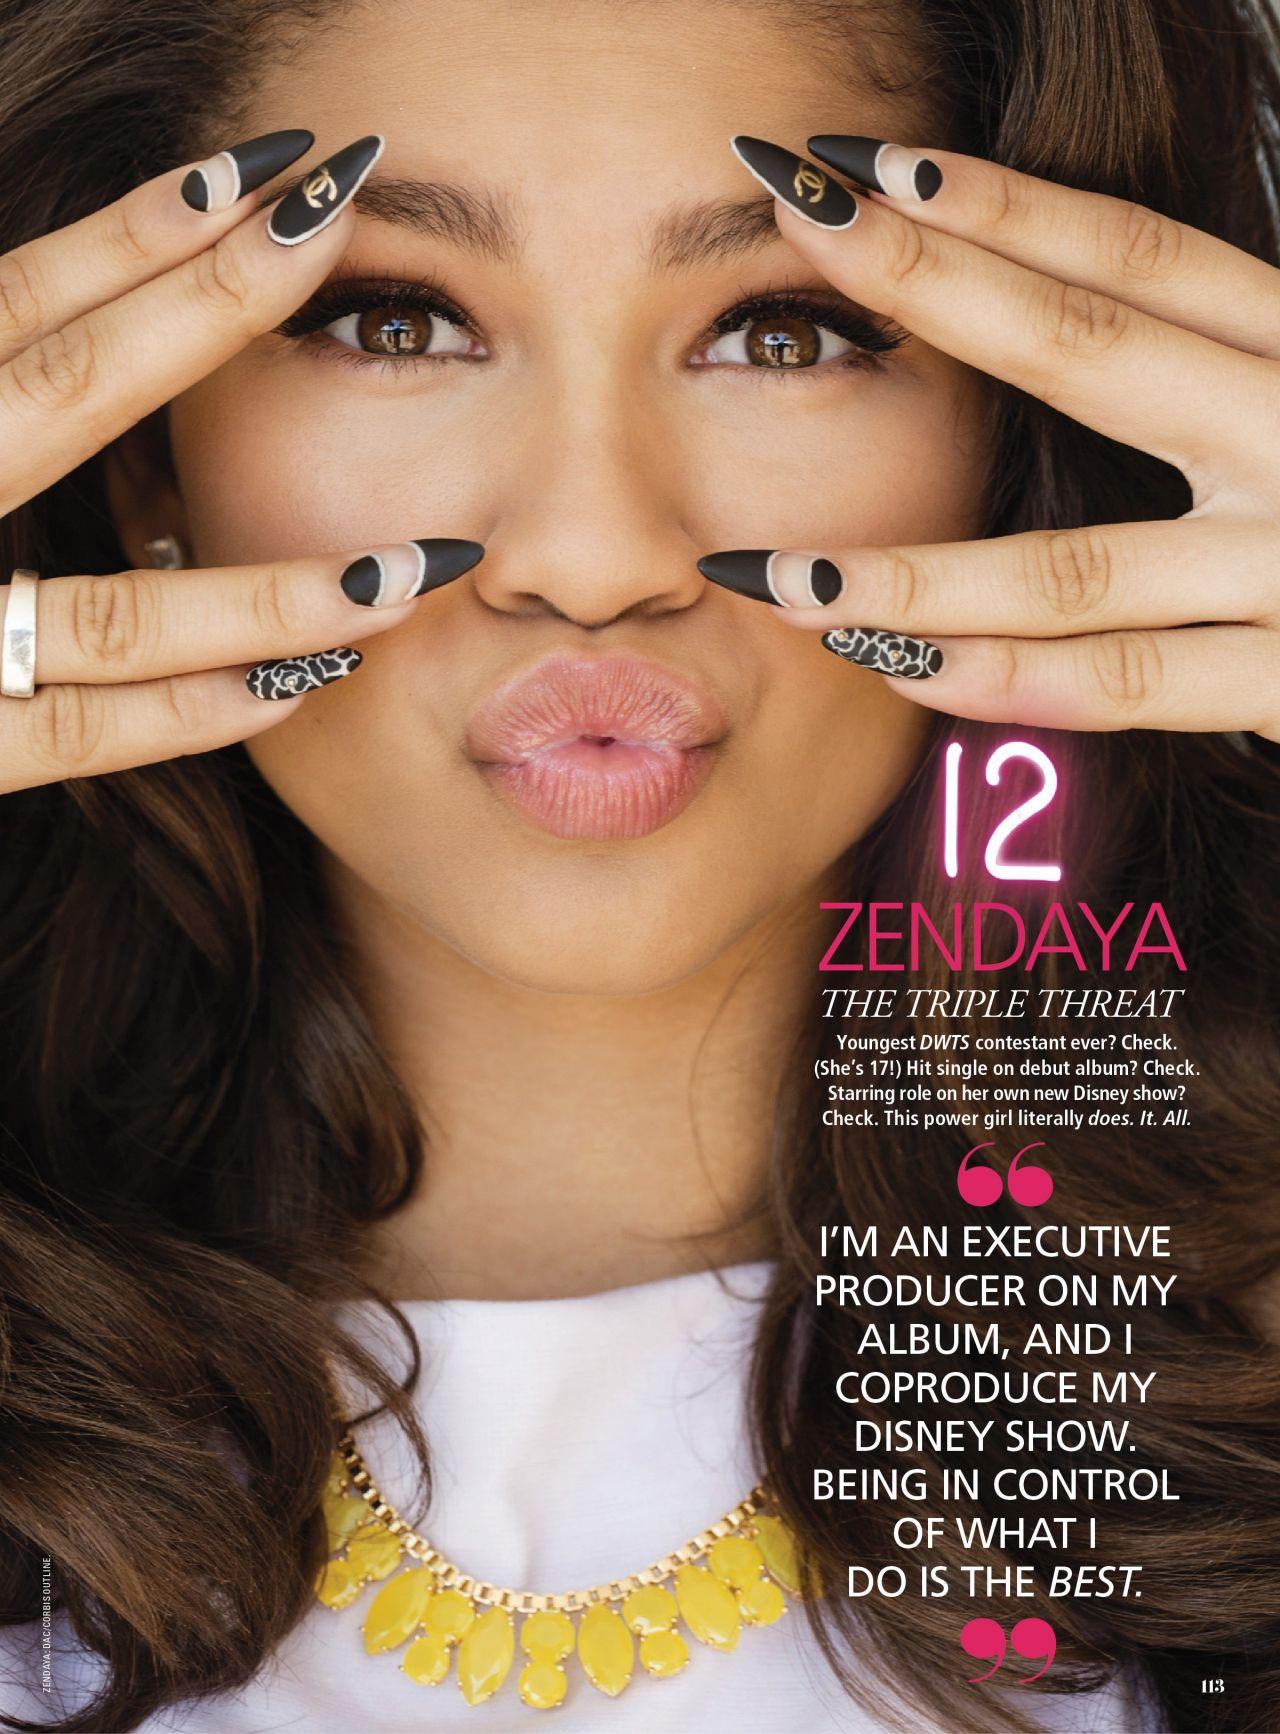 Zendaya Coleman - SEVENTEEN Magazine - March 2014 Issue